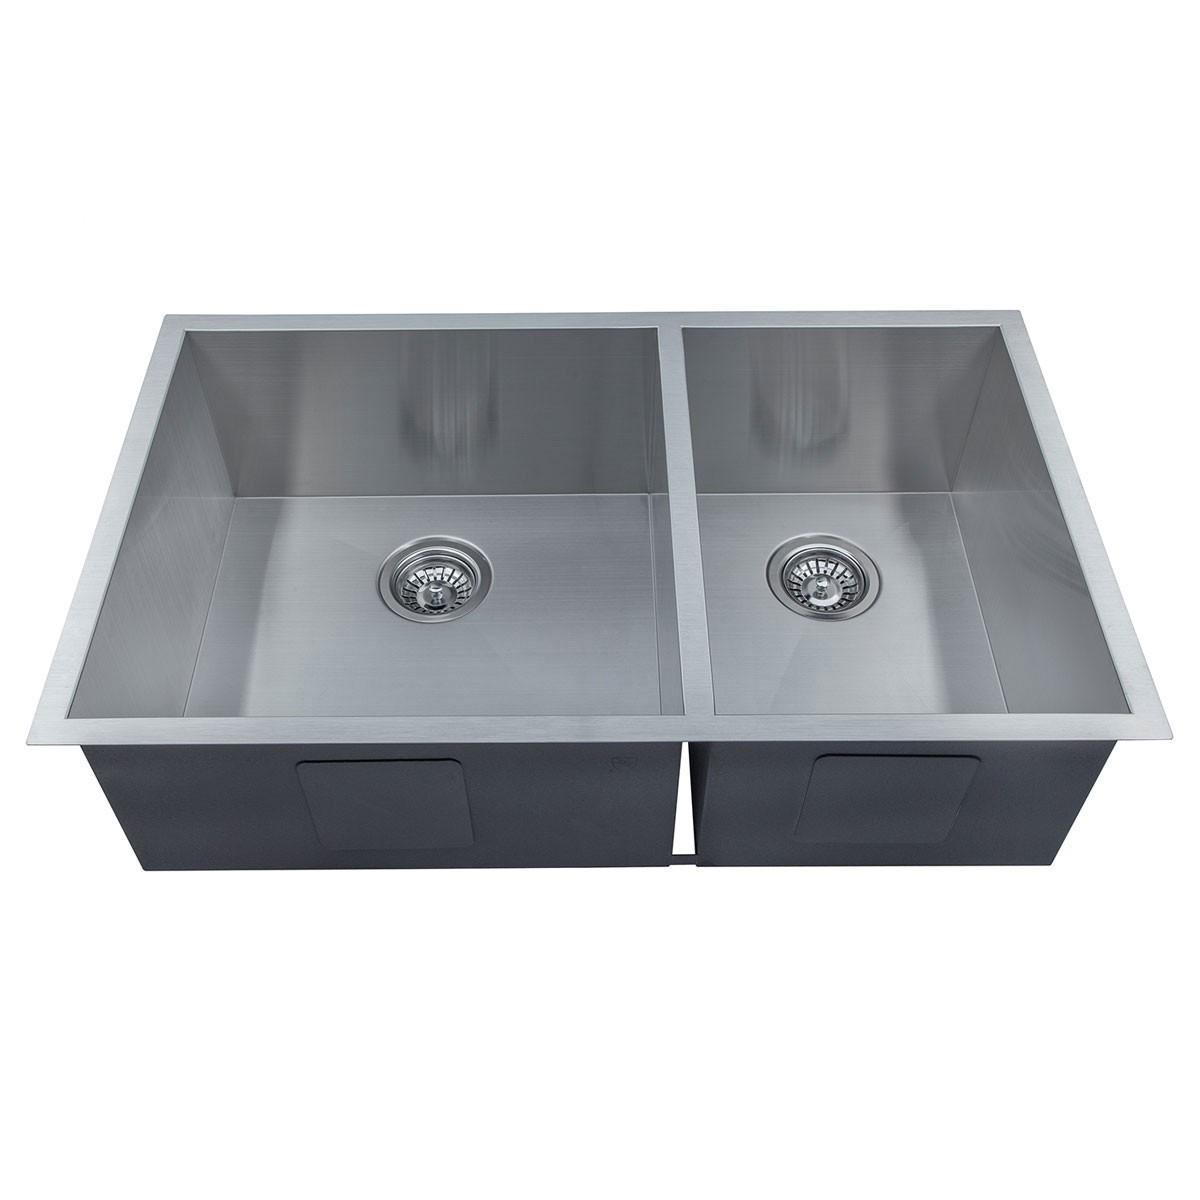 33 x 20 In. Stainless Steel Handmade Kitchen Sink (D3320-R0)